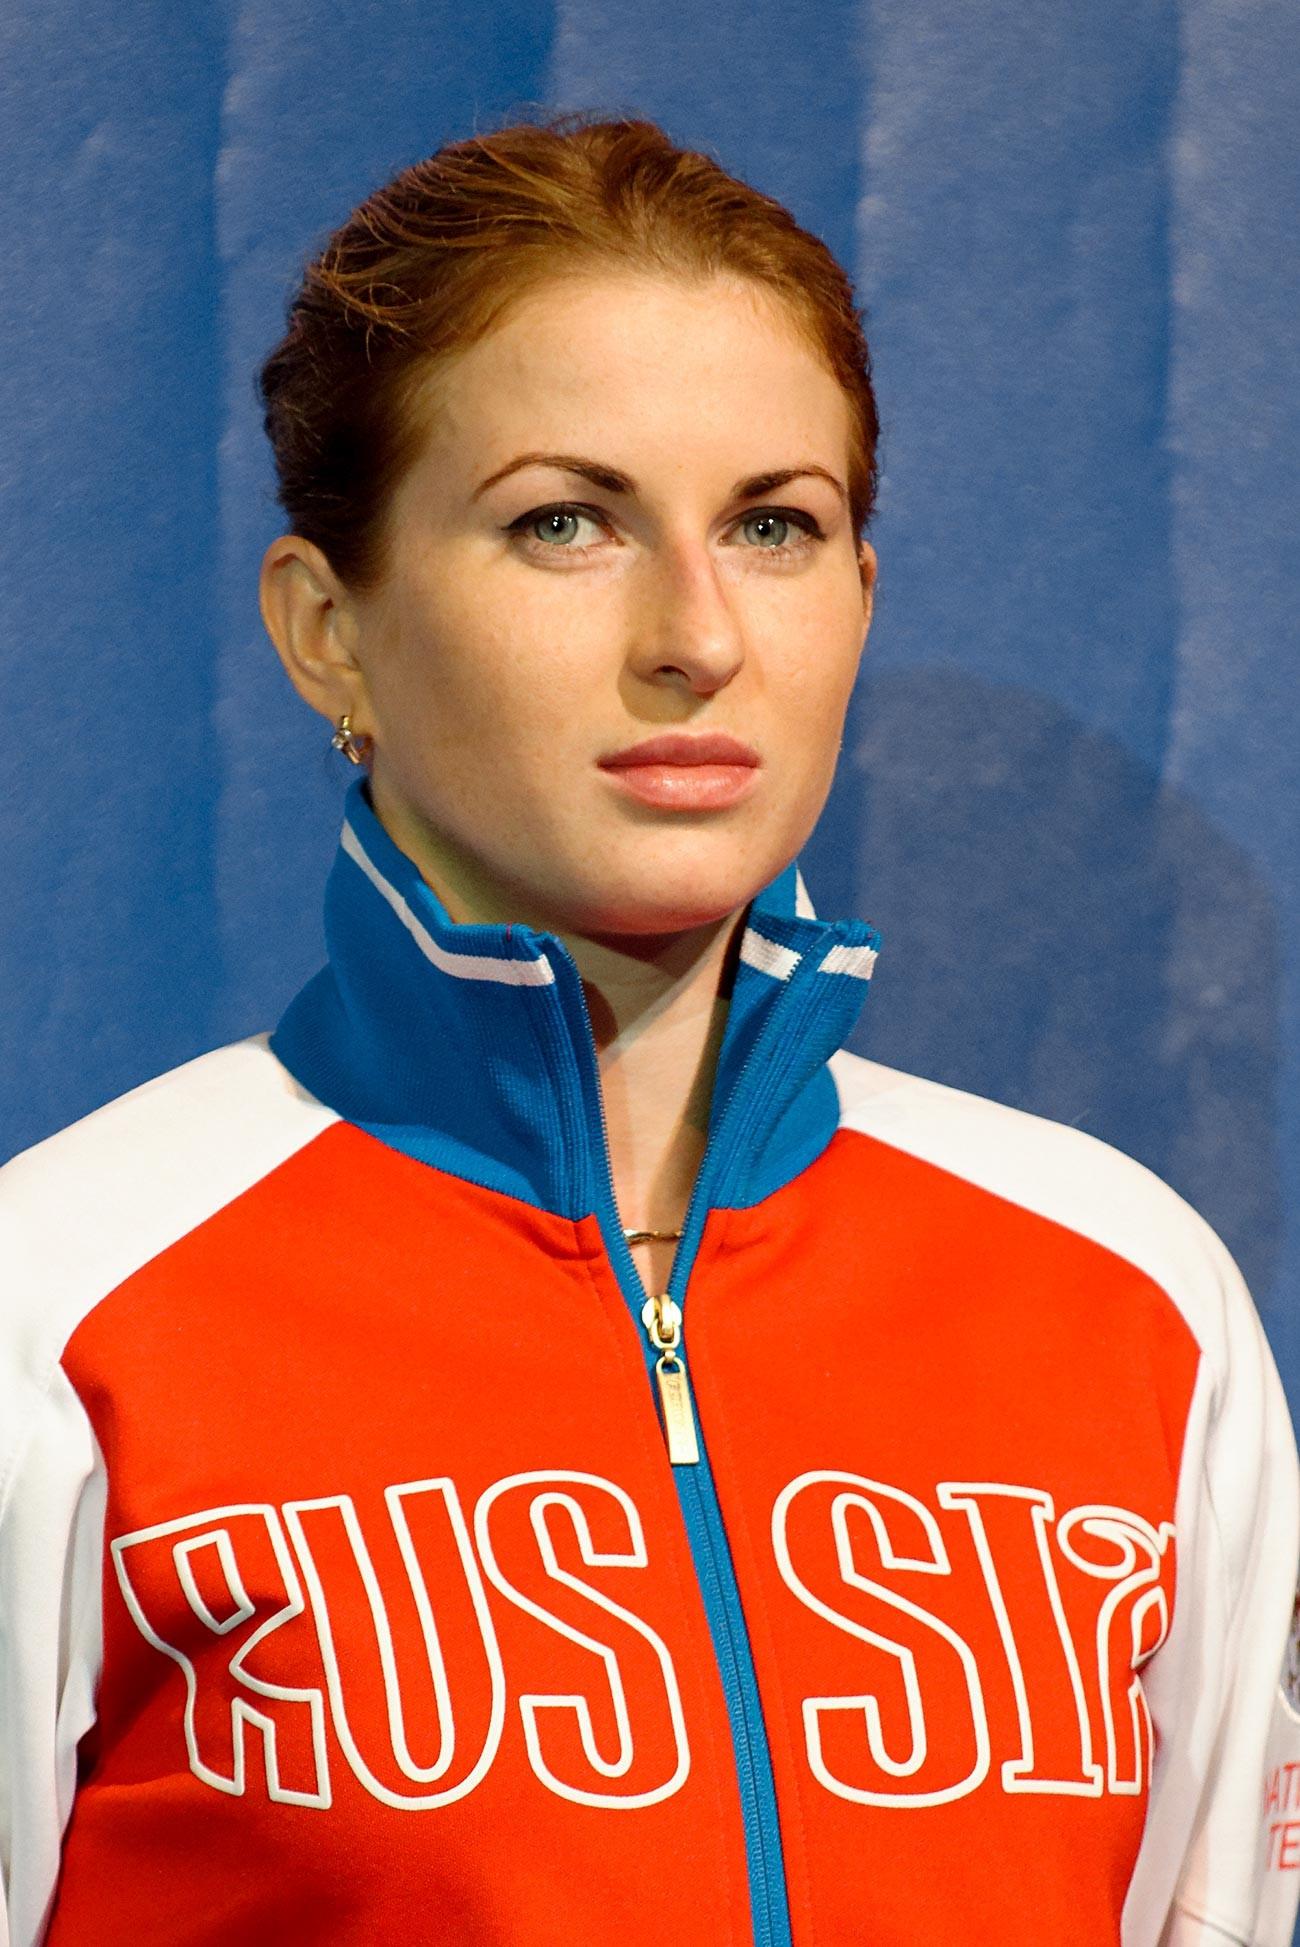 La Russe Inna Deriglazova sur le podium du fleuret féminin des Championnats du monde d'escrime 2013, le 10 août 2013